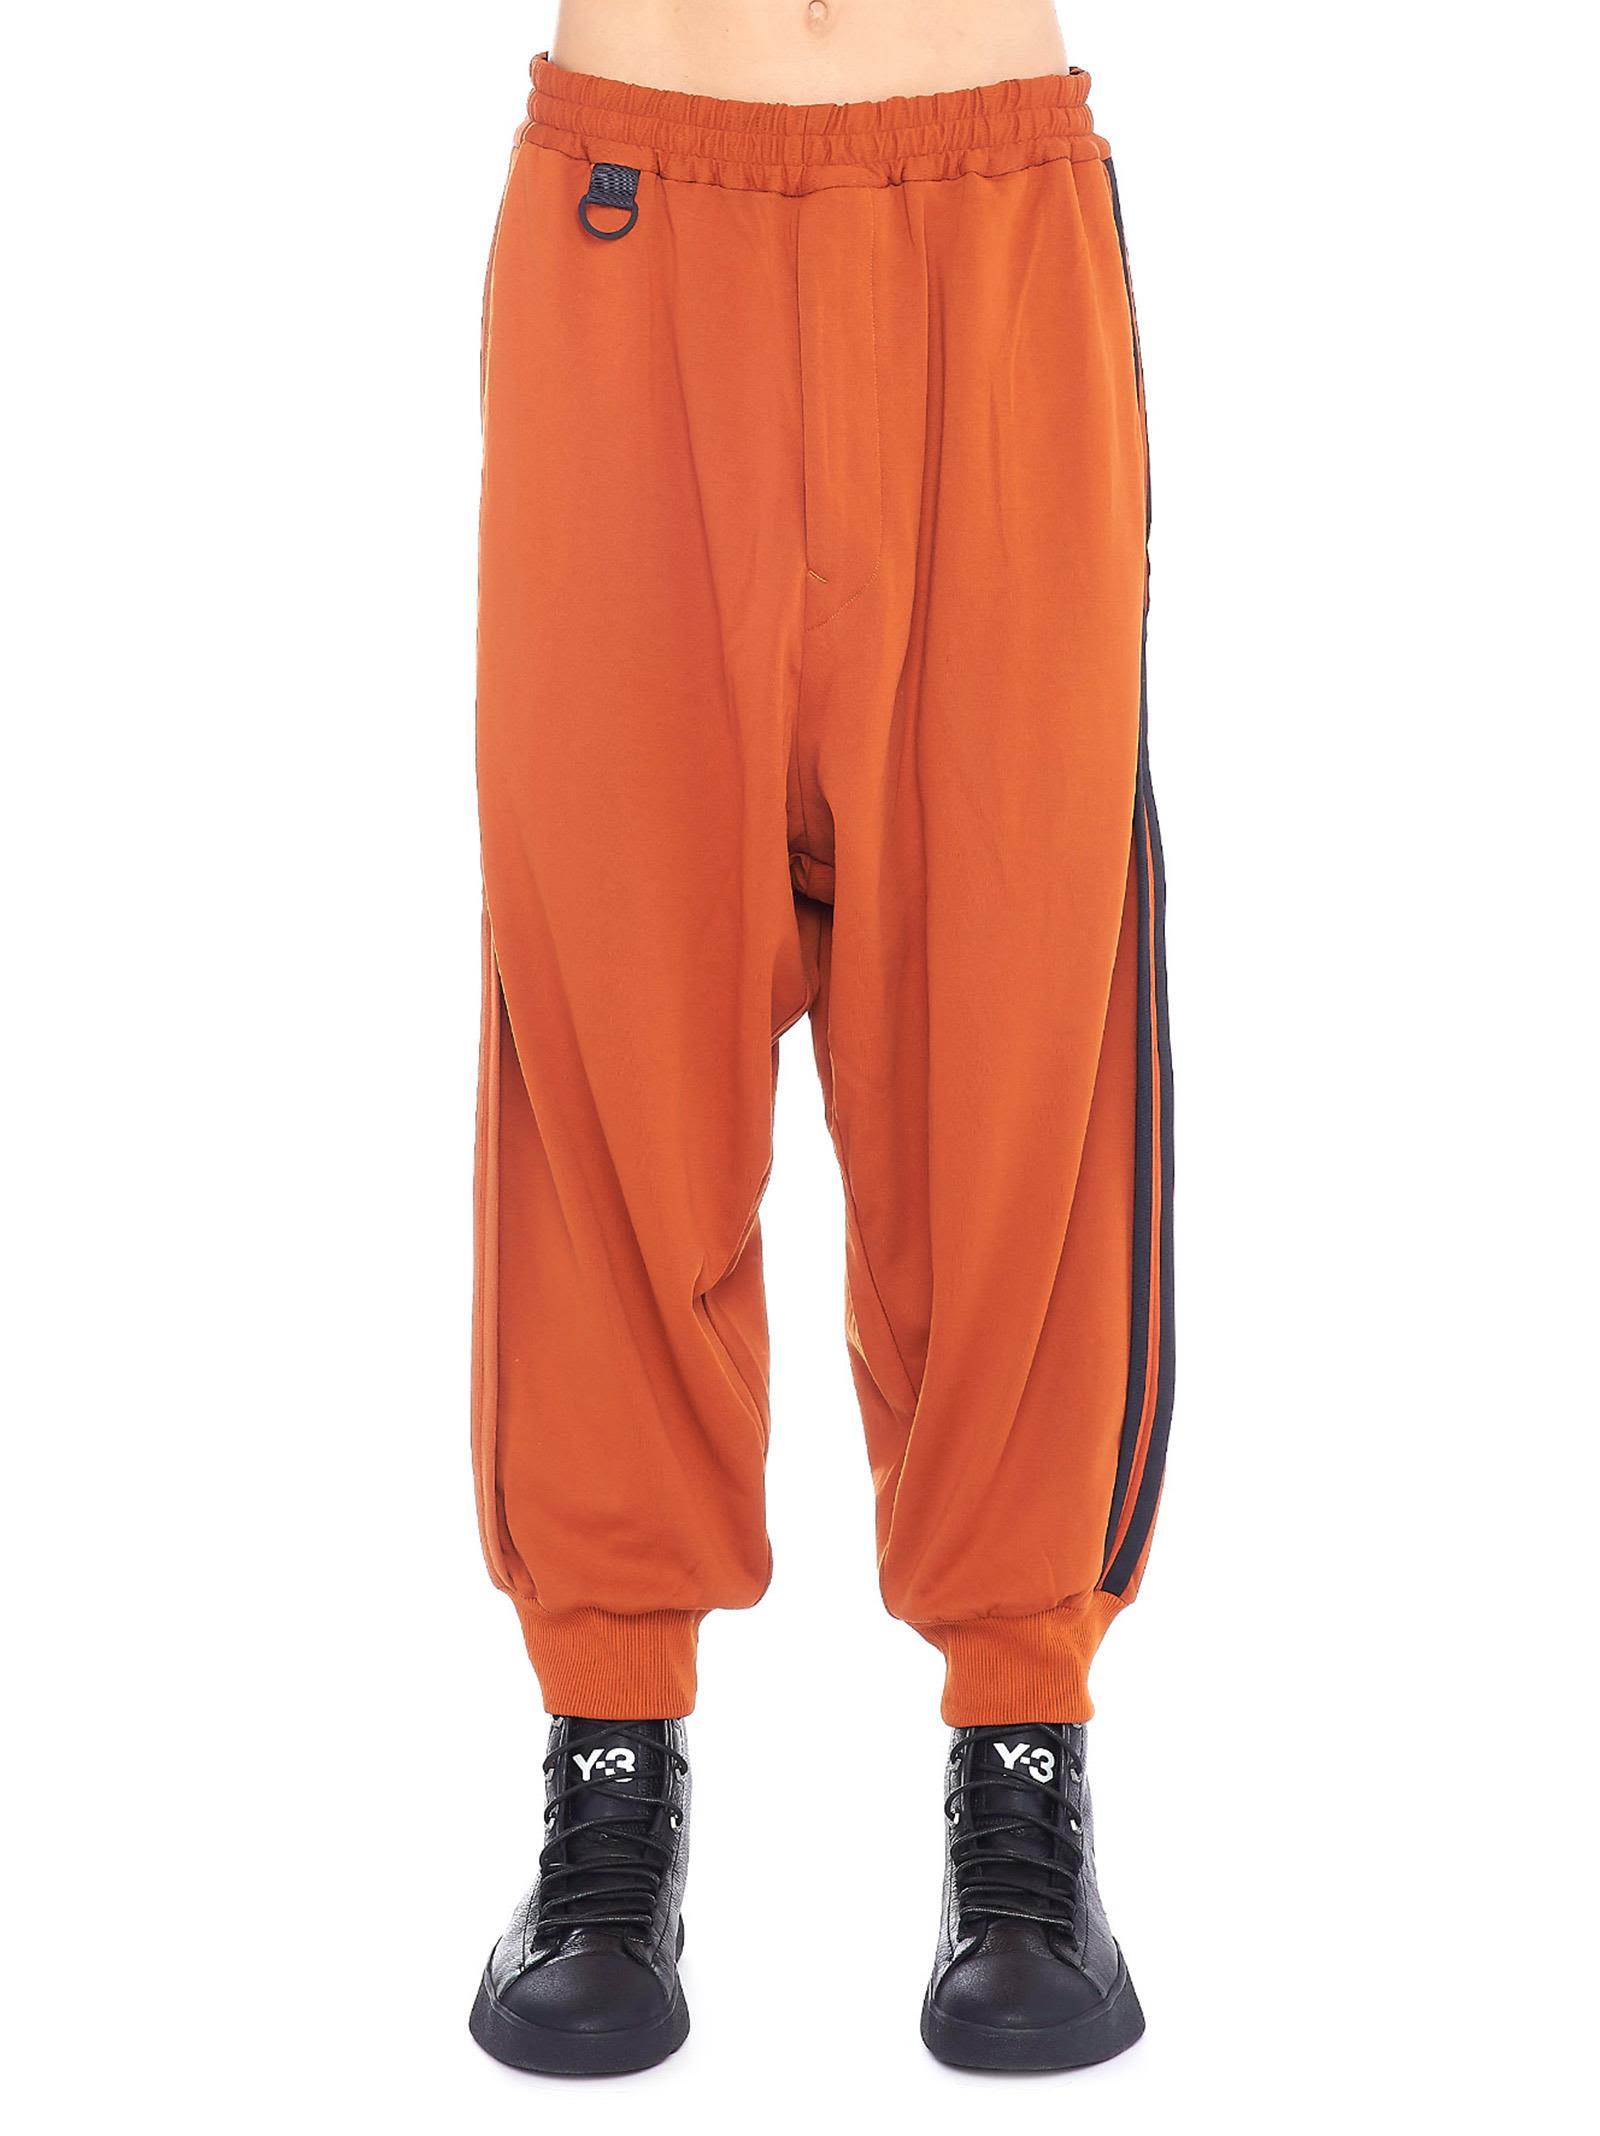 Y-3 'm 3 Stripes' Pants